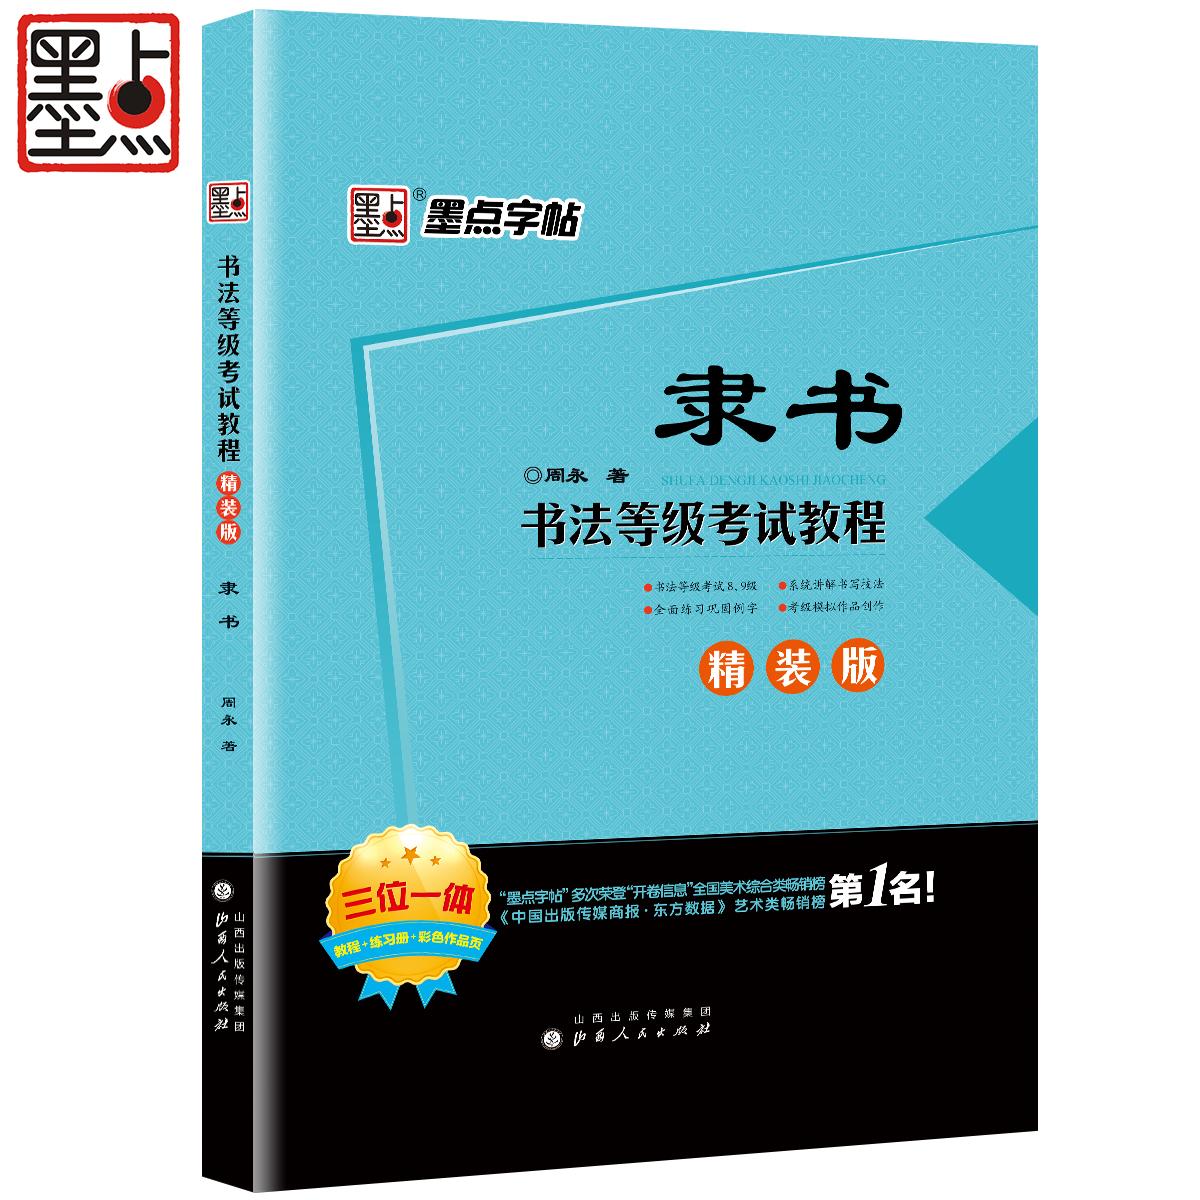 武汉新新图书专营店_品牌